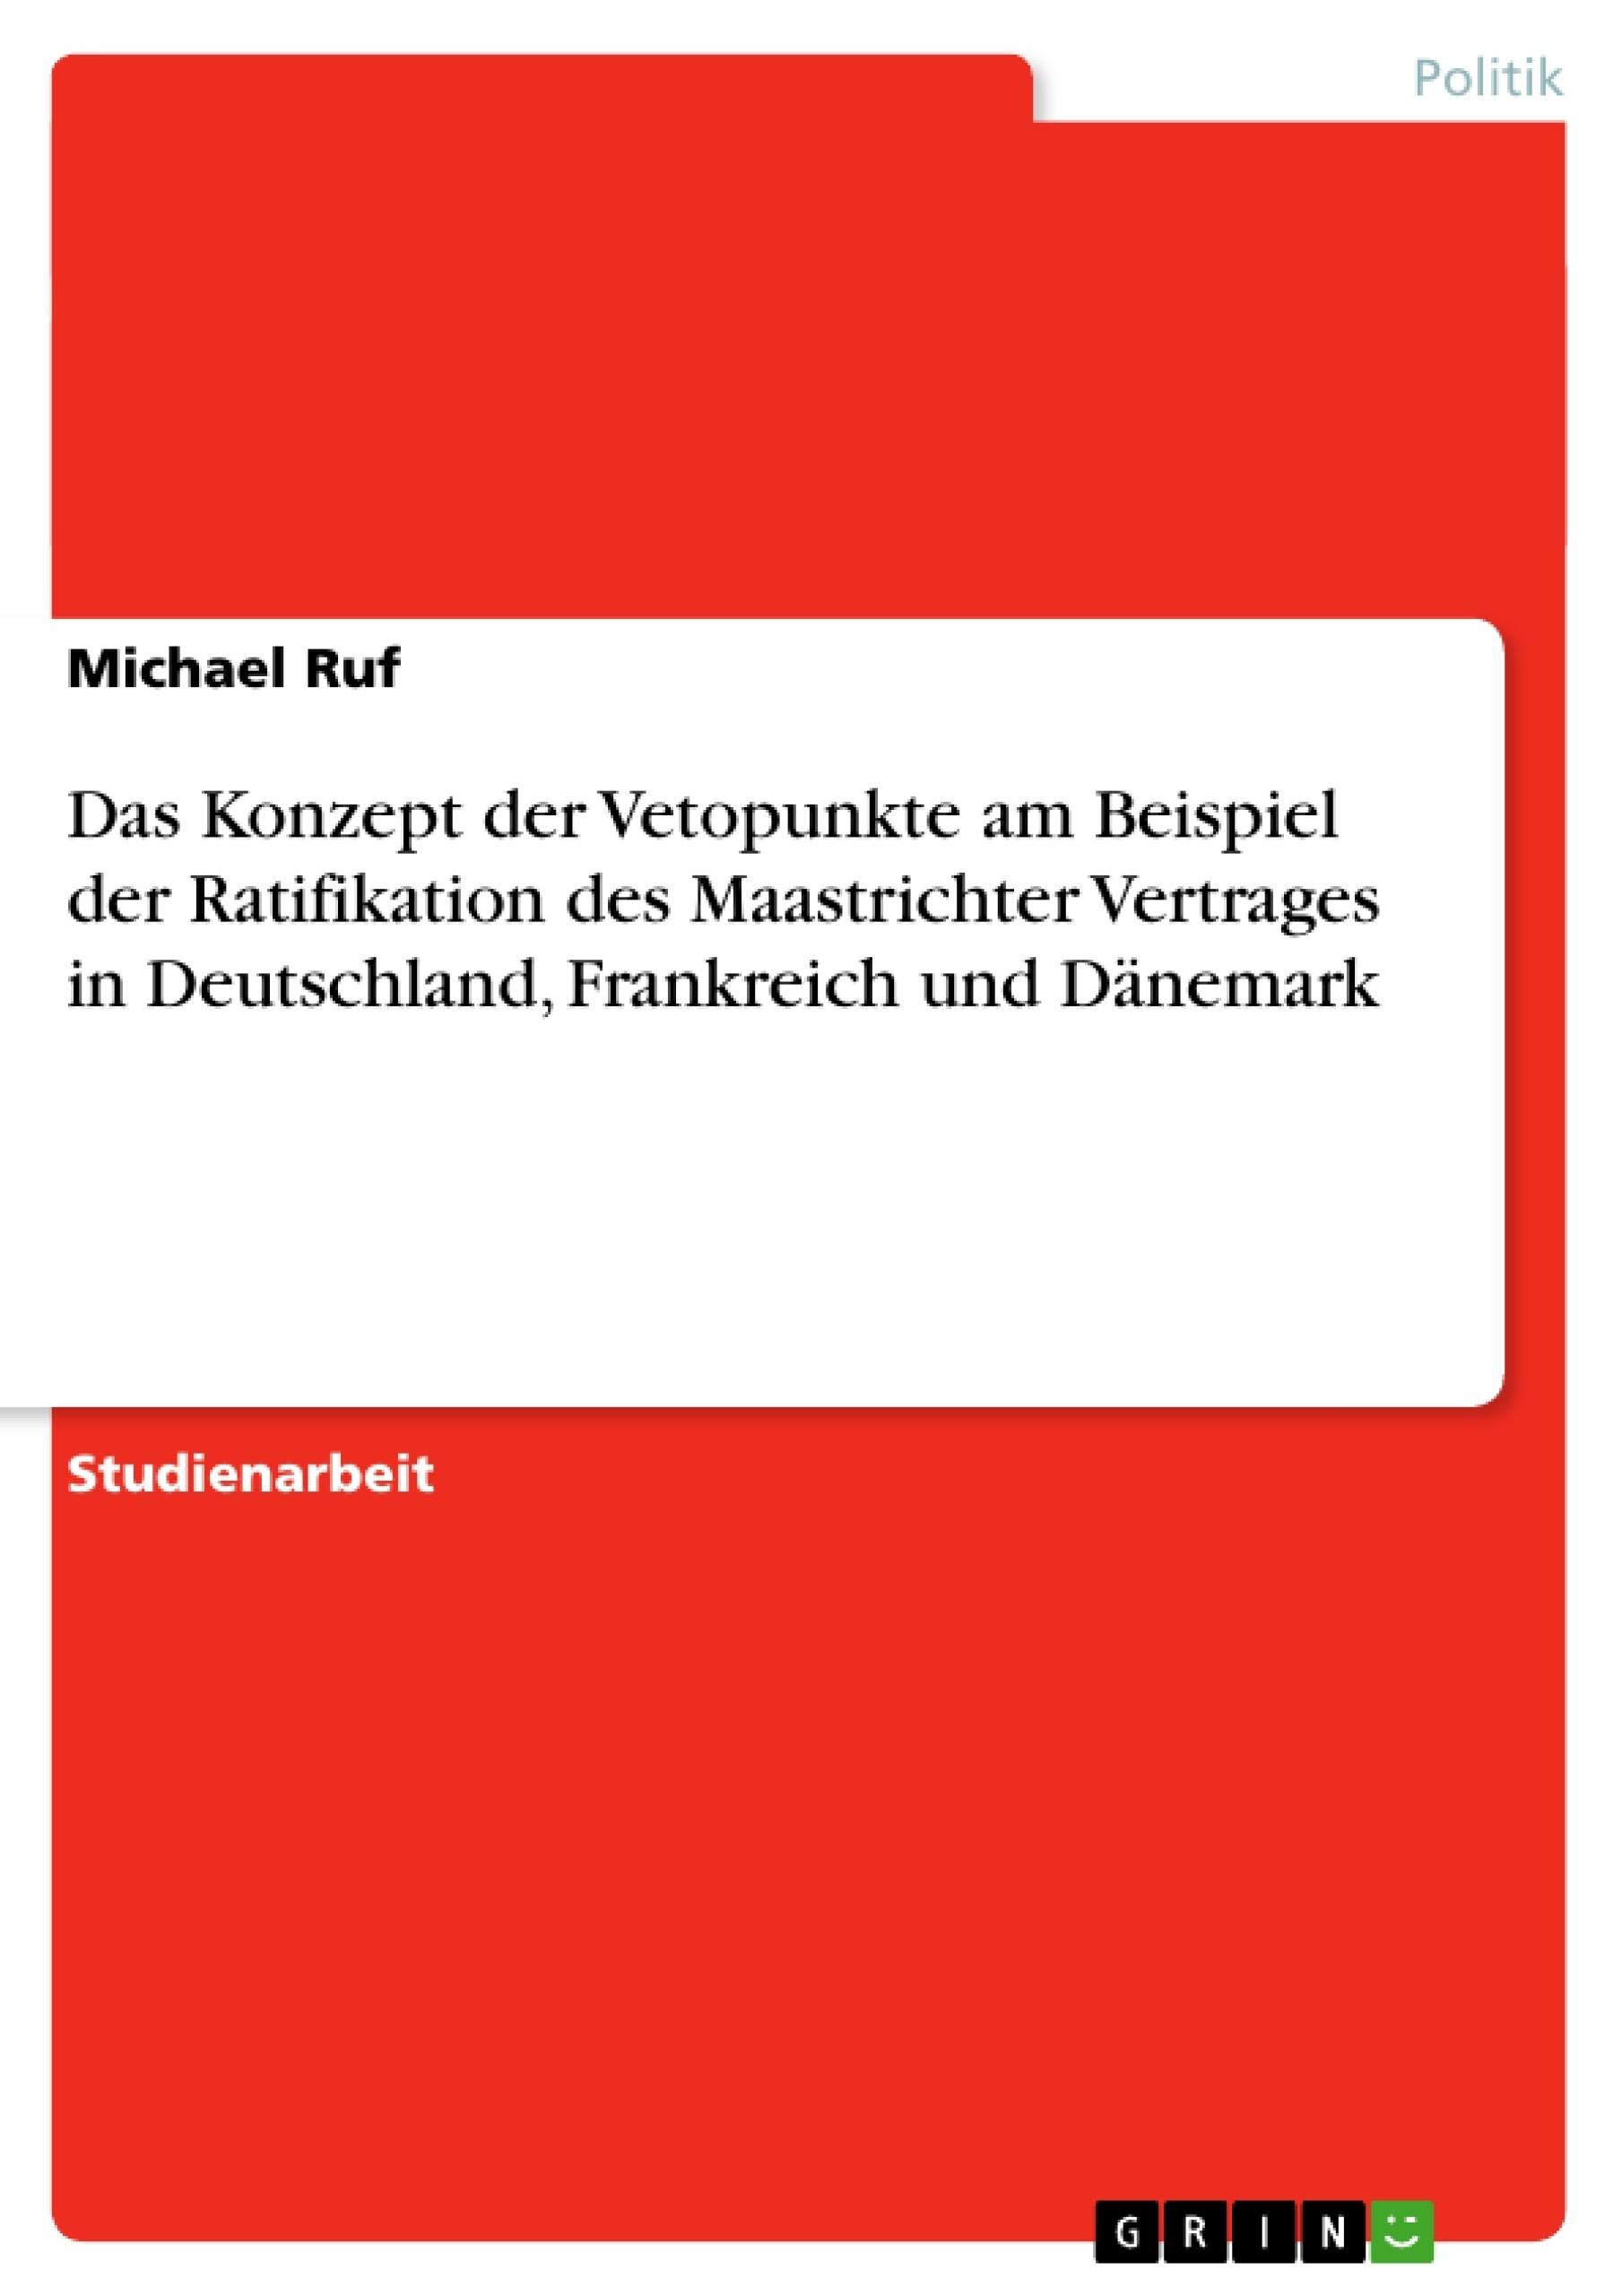 Titel: Das Konzept der Vetopunkte am Beispiel der Ratifikation des Maastrichter Vertrages in Deutschland, Frankreich und Dänemark